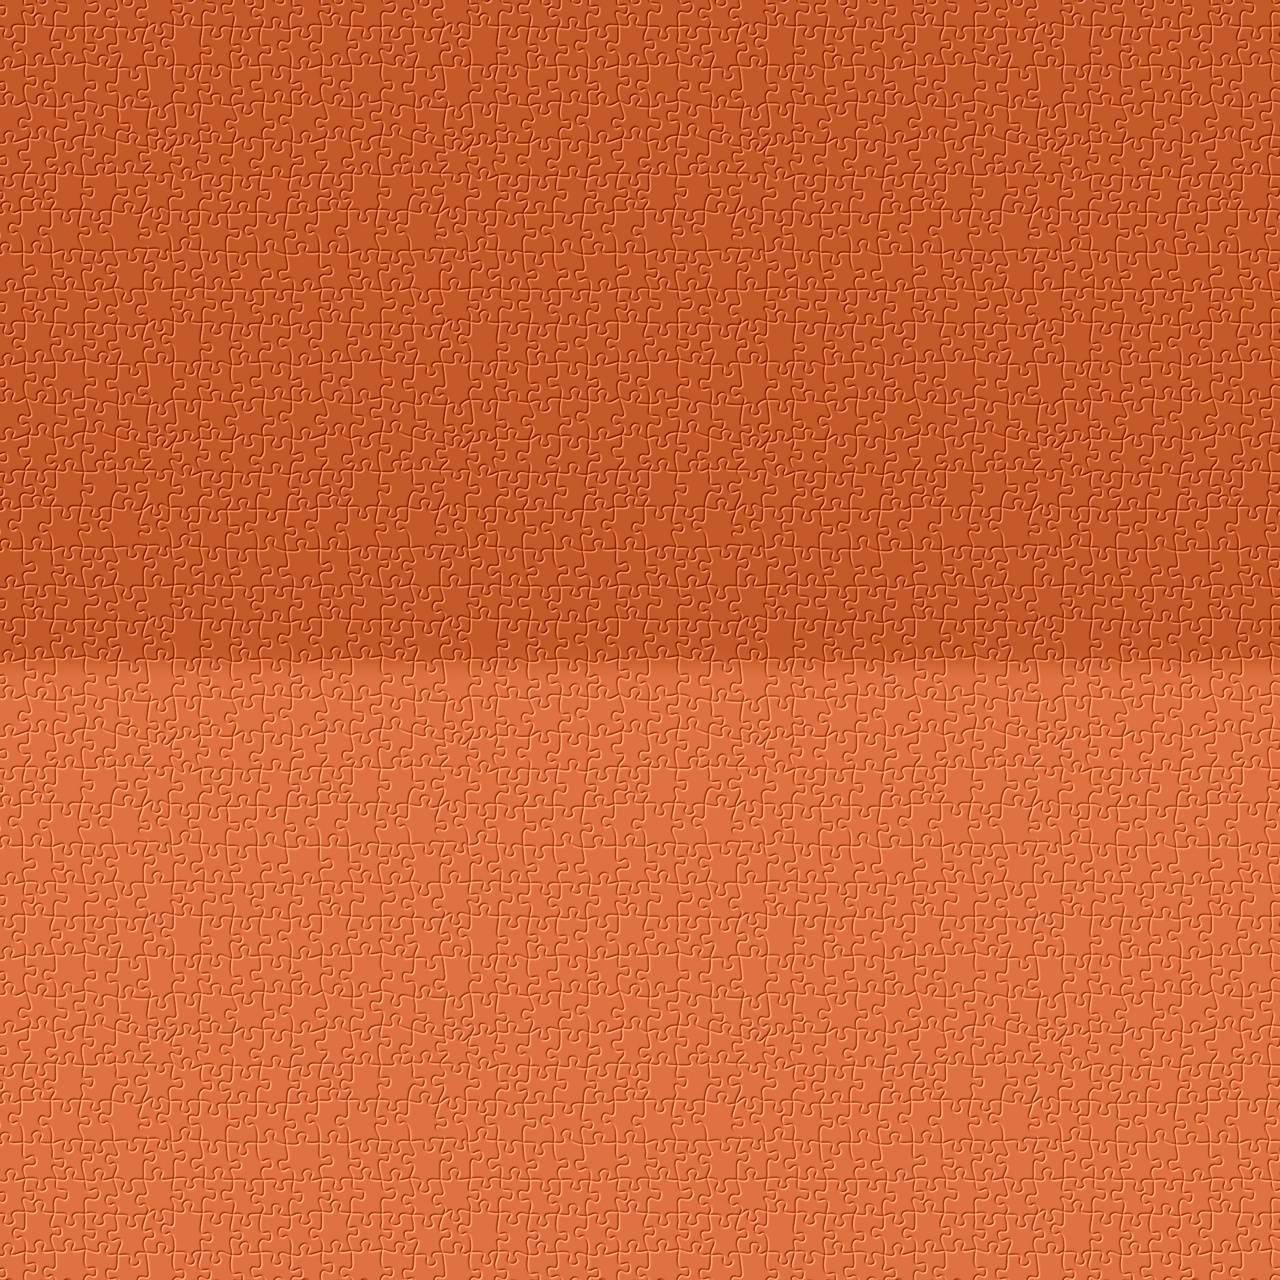 iPhoneX-PuzzleDesign